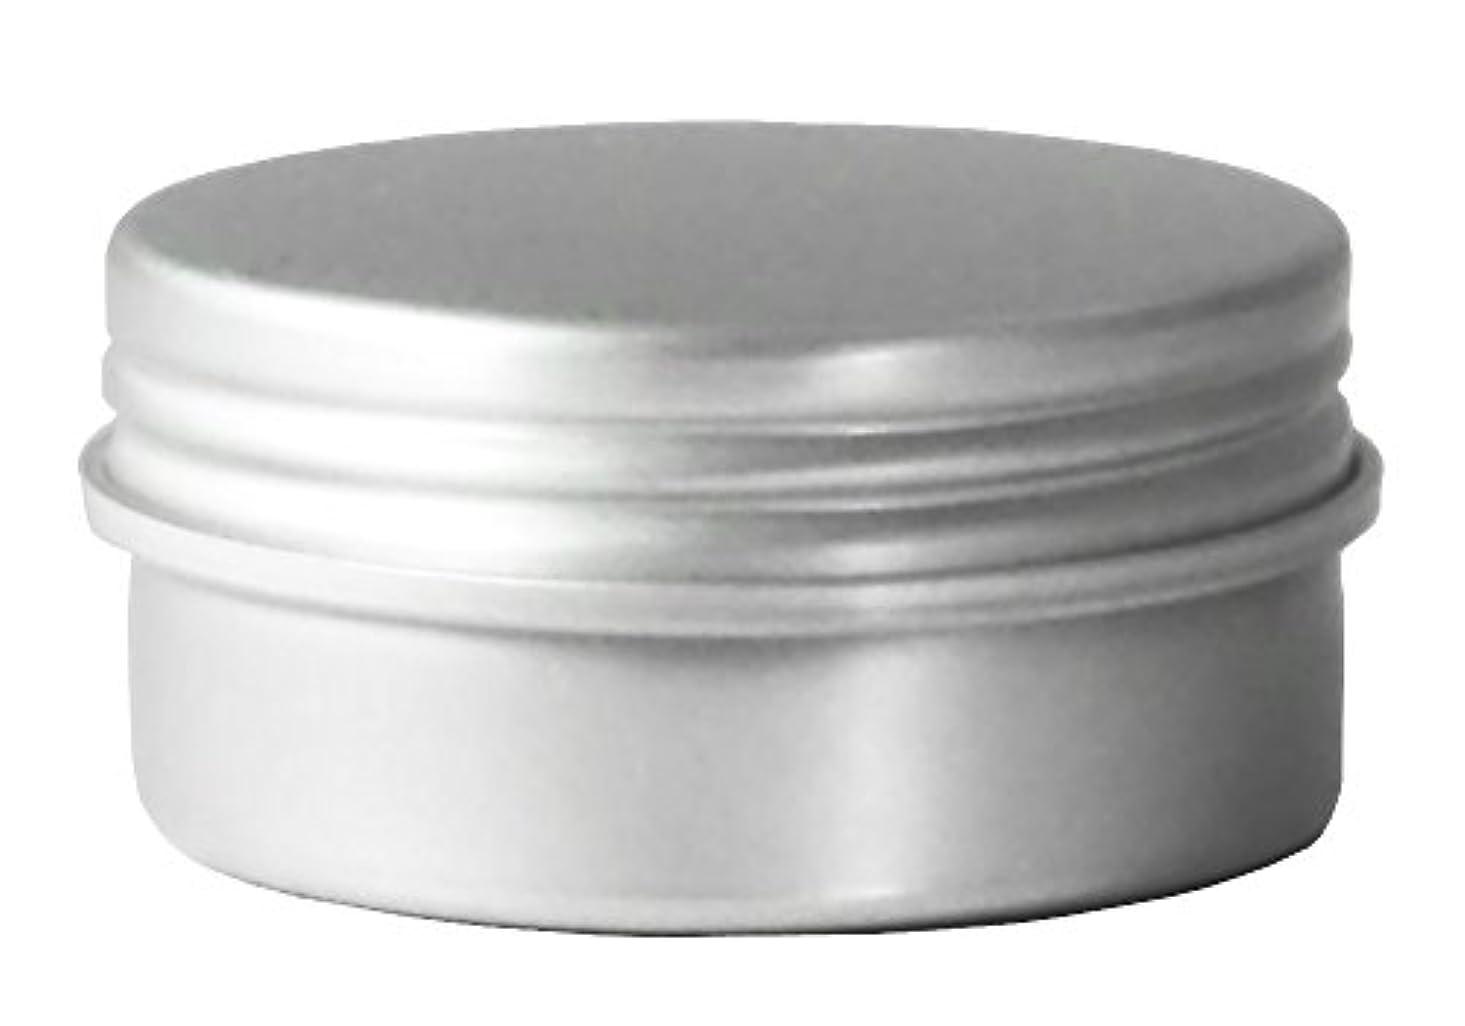 揮発性外部落とし穴アルミキャップ缶 ハイシートパッキン付 12ml 化粧品容器